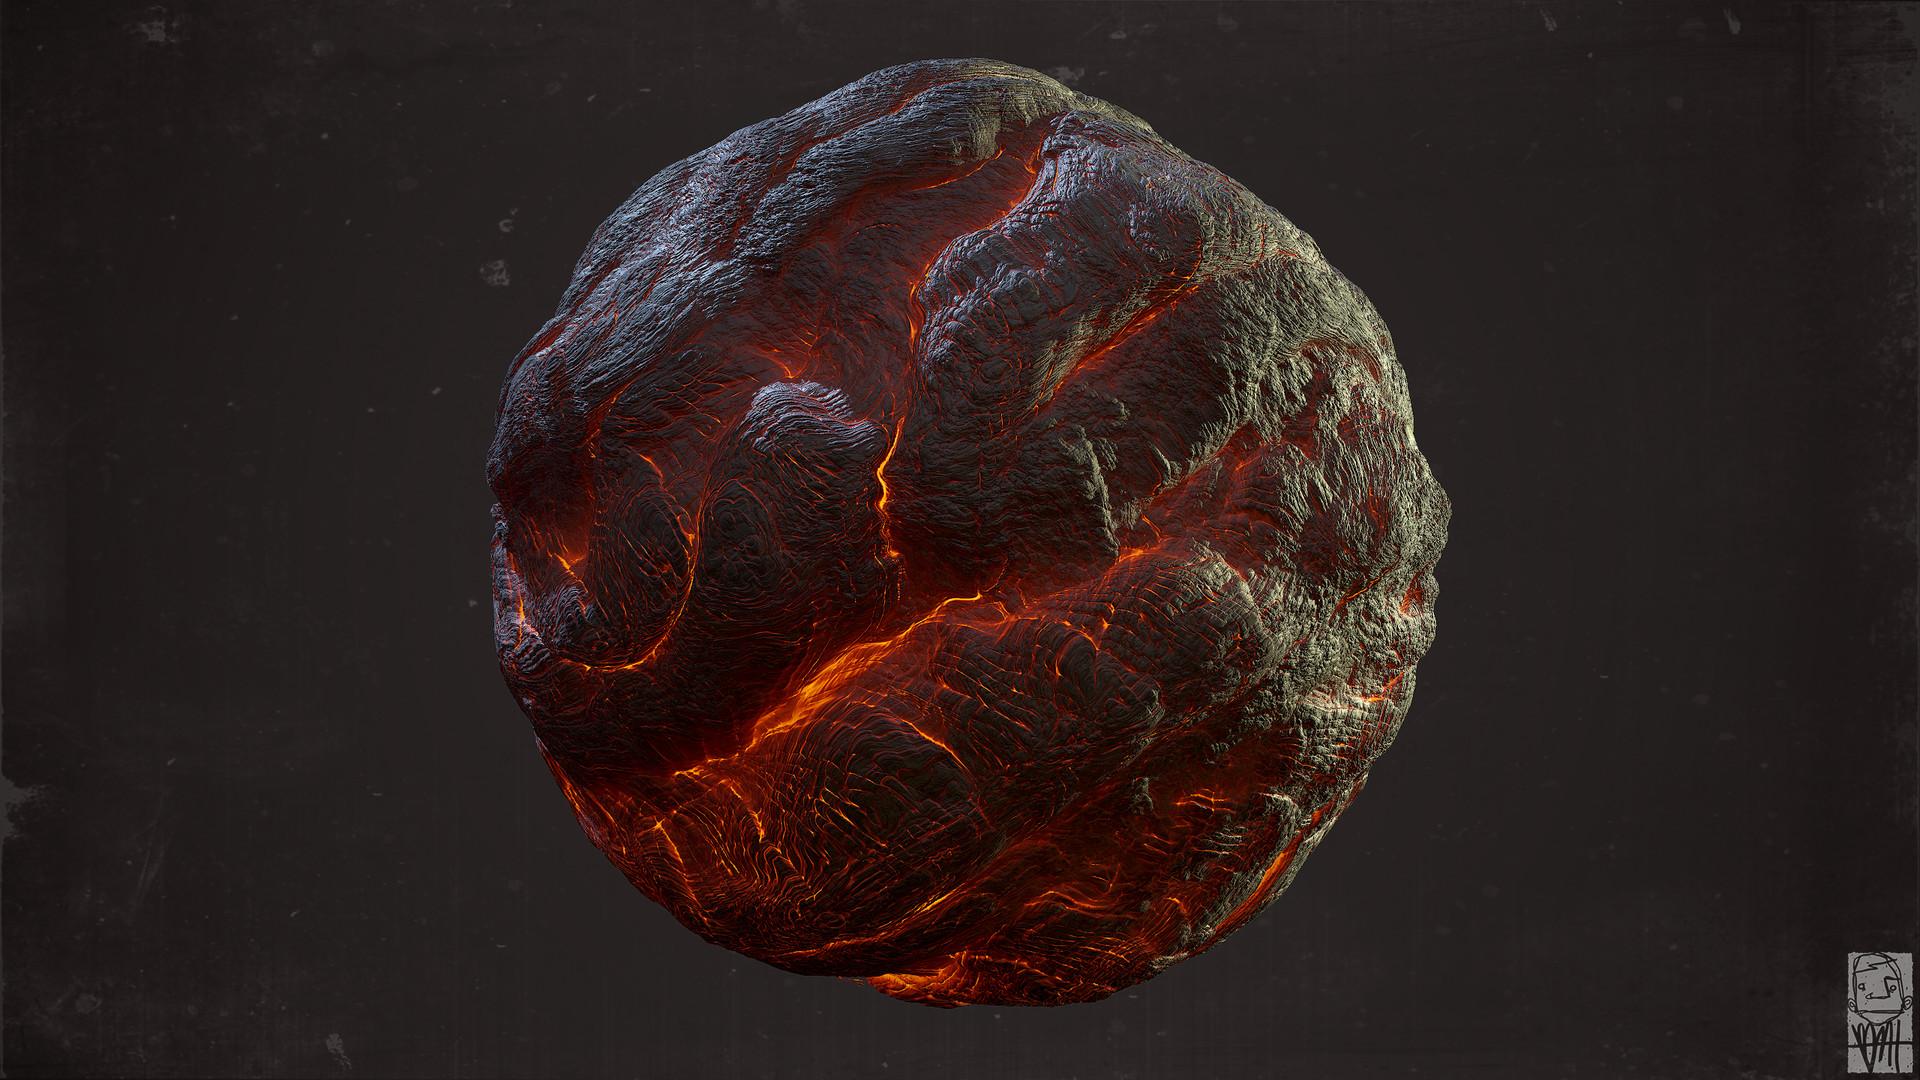 Brett marshall tucker molten lava sphere